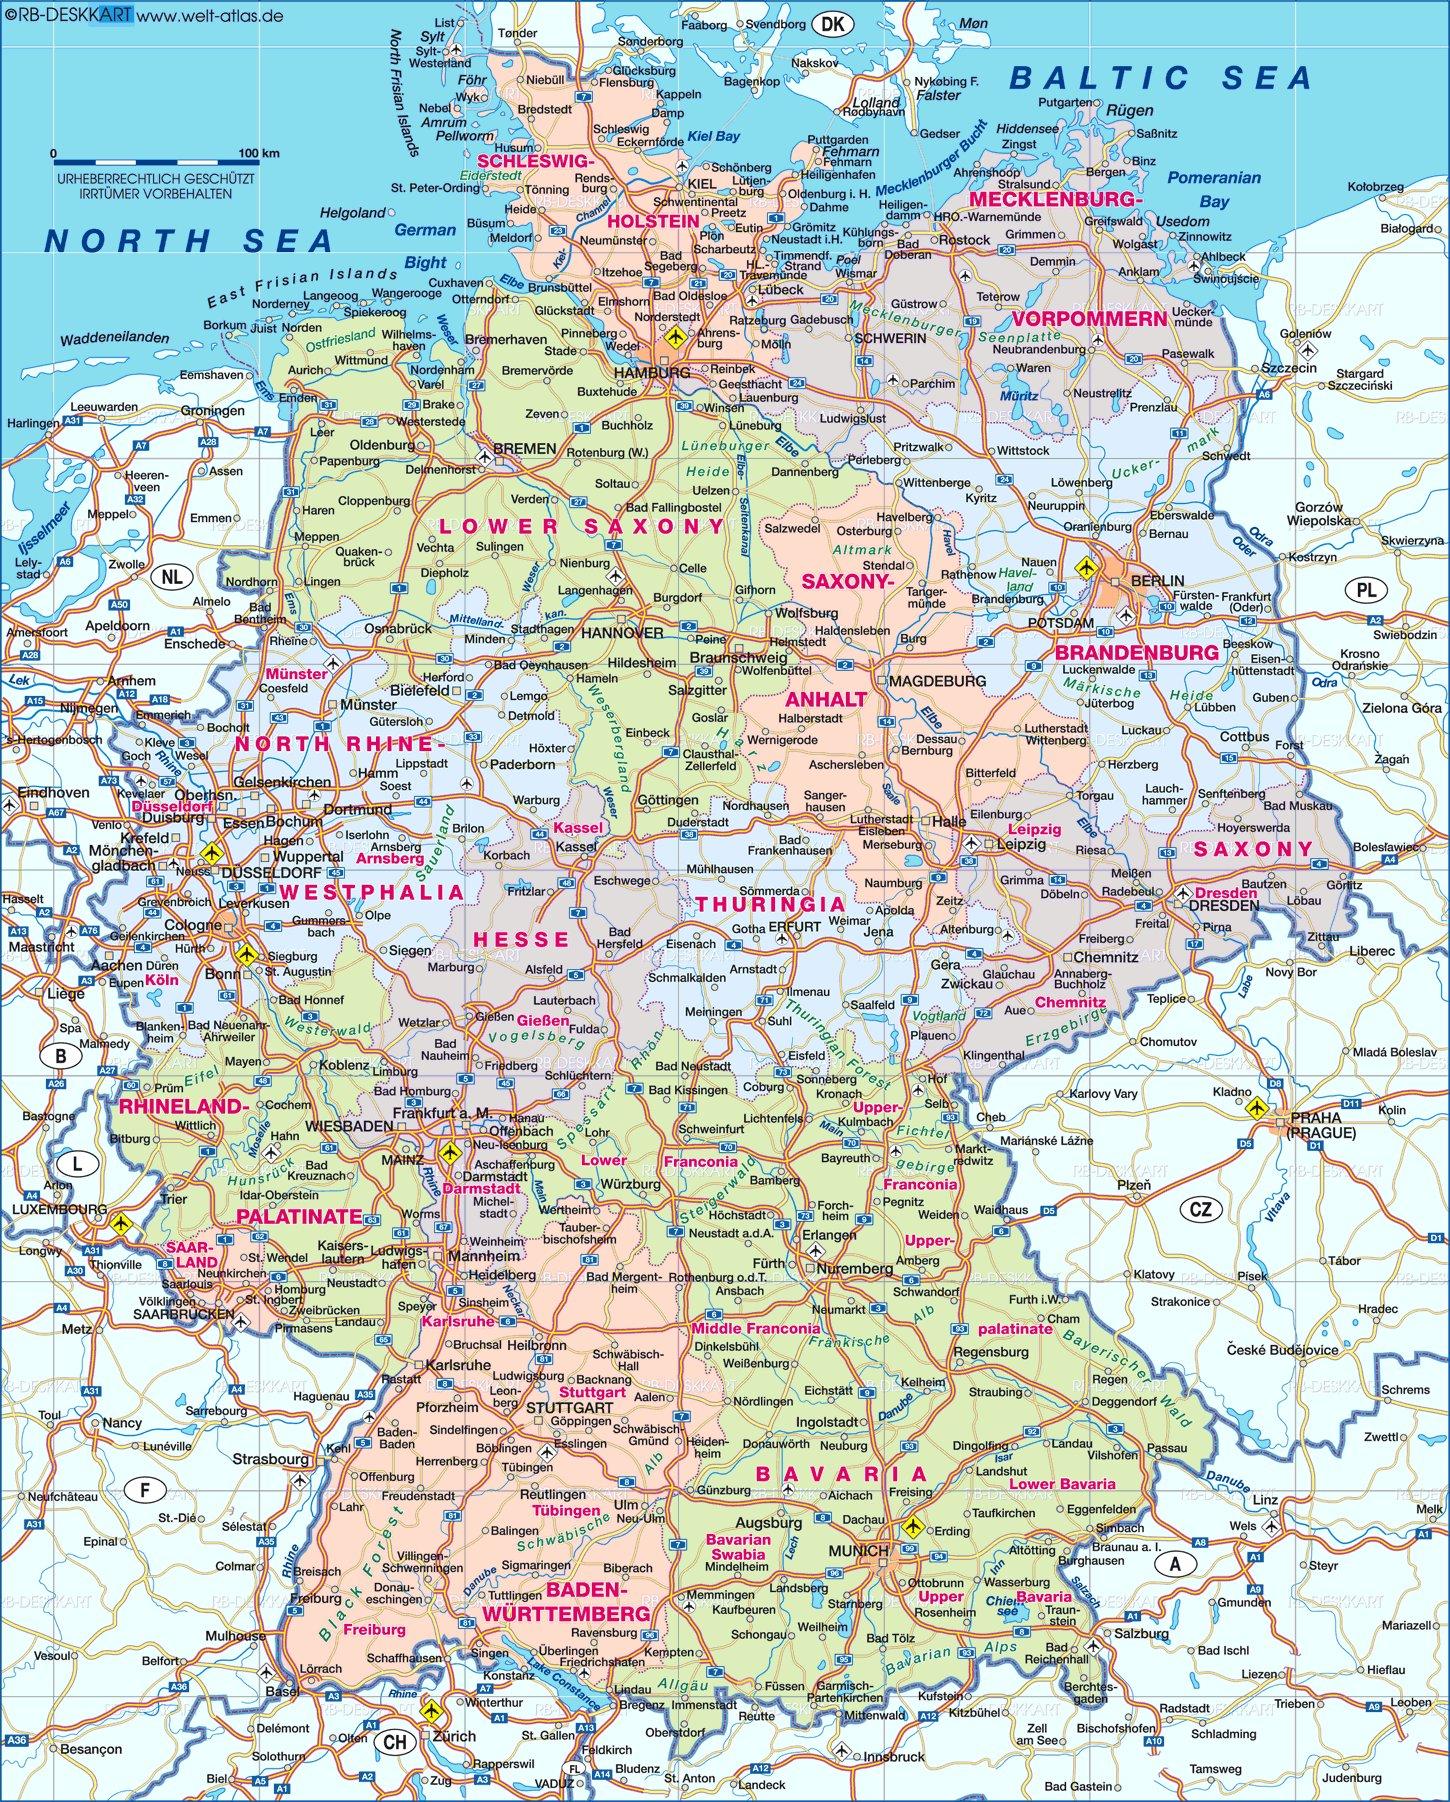 Карта Баварии (Германия). Подробная карта Баварии на ...: http://www.saletur.ru/%D0%93%D0%B5%D1%80%D0%BC%D0%B0%D0%BD%D0%B8%D1%8F/%D0%91%D0%B0%D0%B2%D0%B0%D1%80%D0%B8%D1%8F/maps/